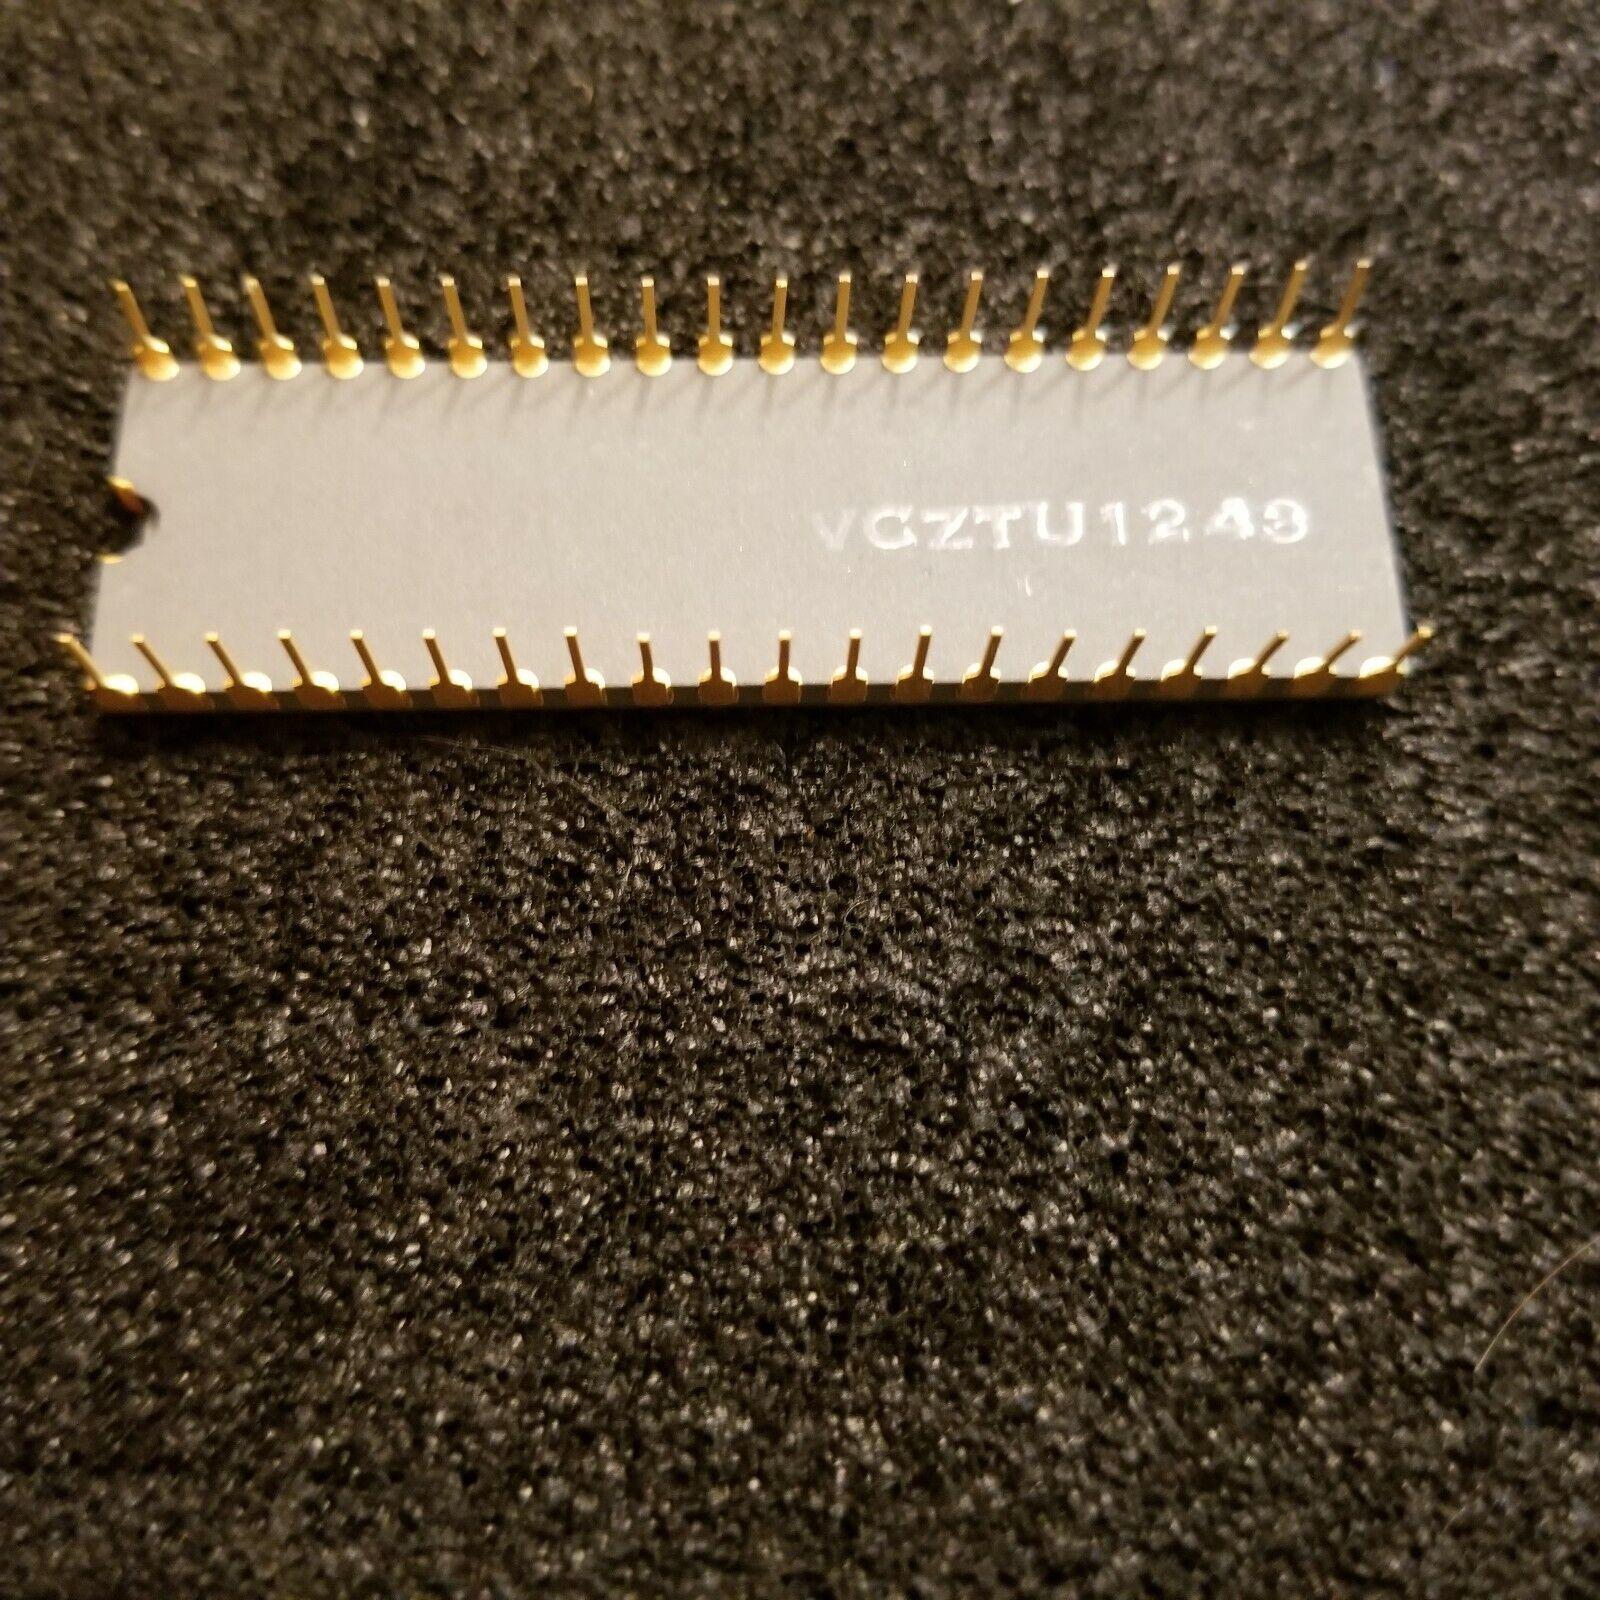  Vintage RCA CDP1802CD Microprocessor CPU Ceramic …